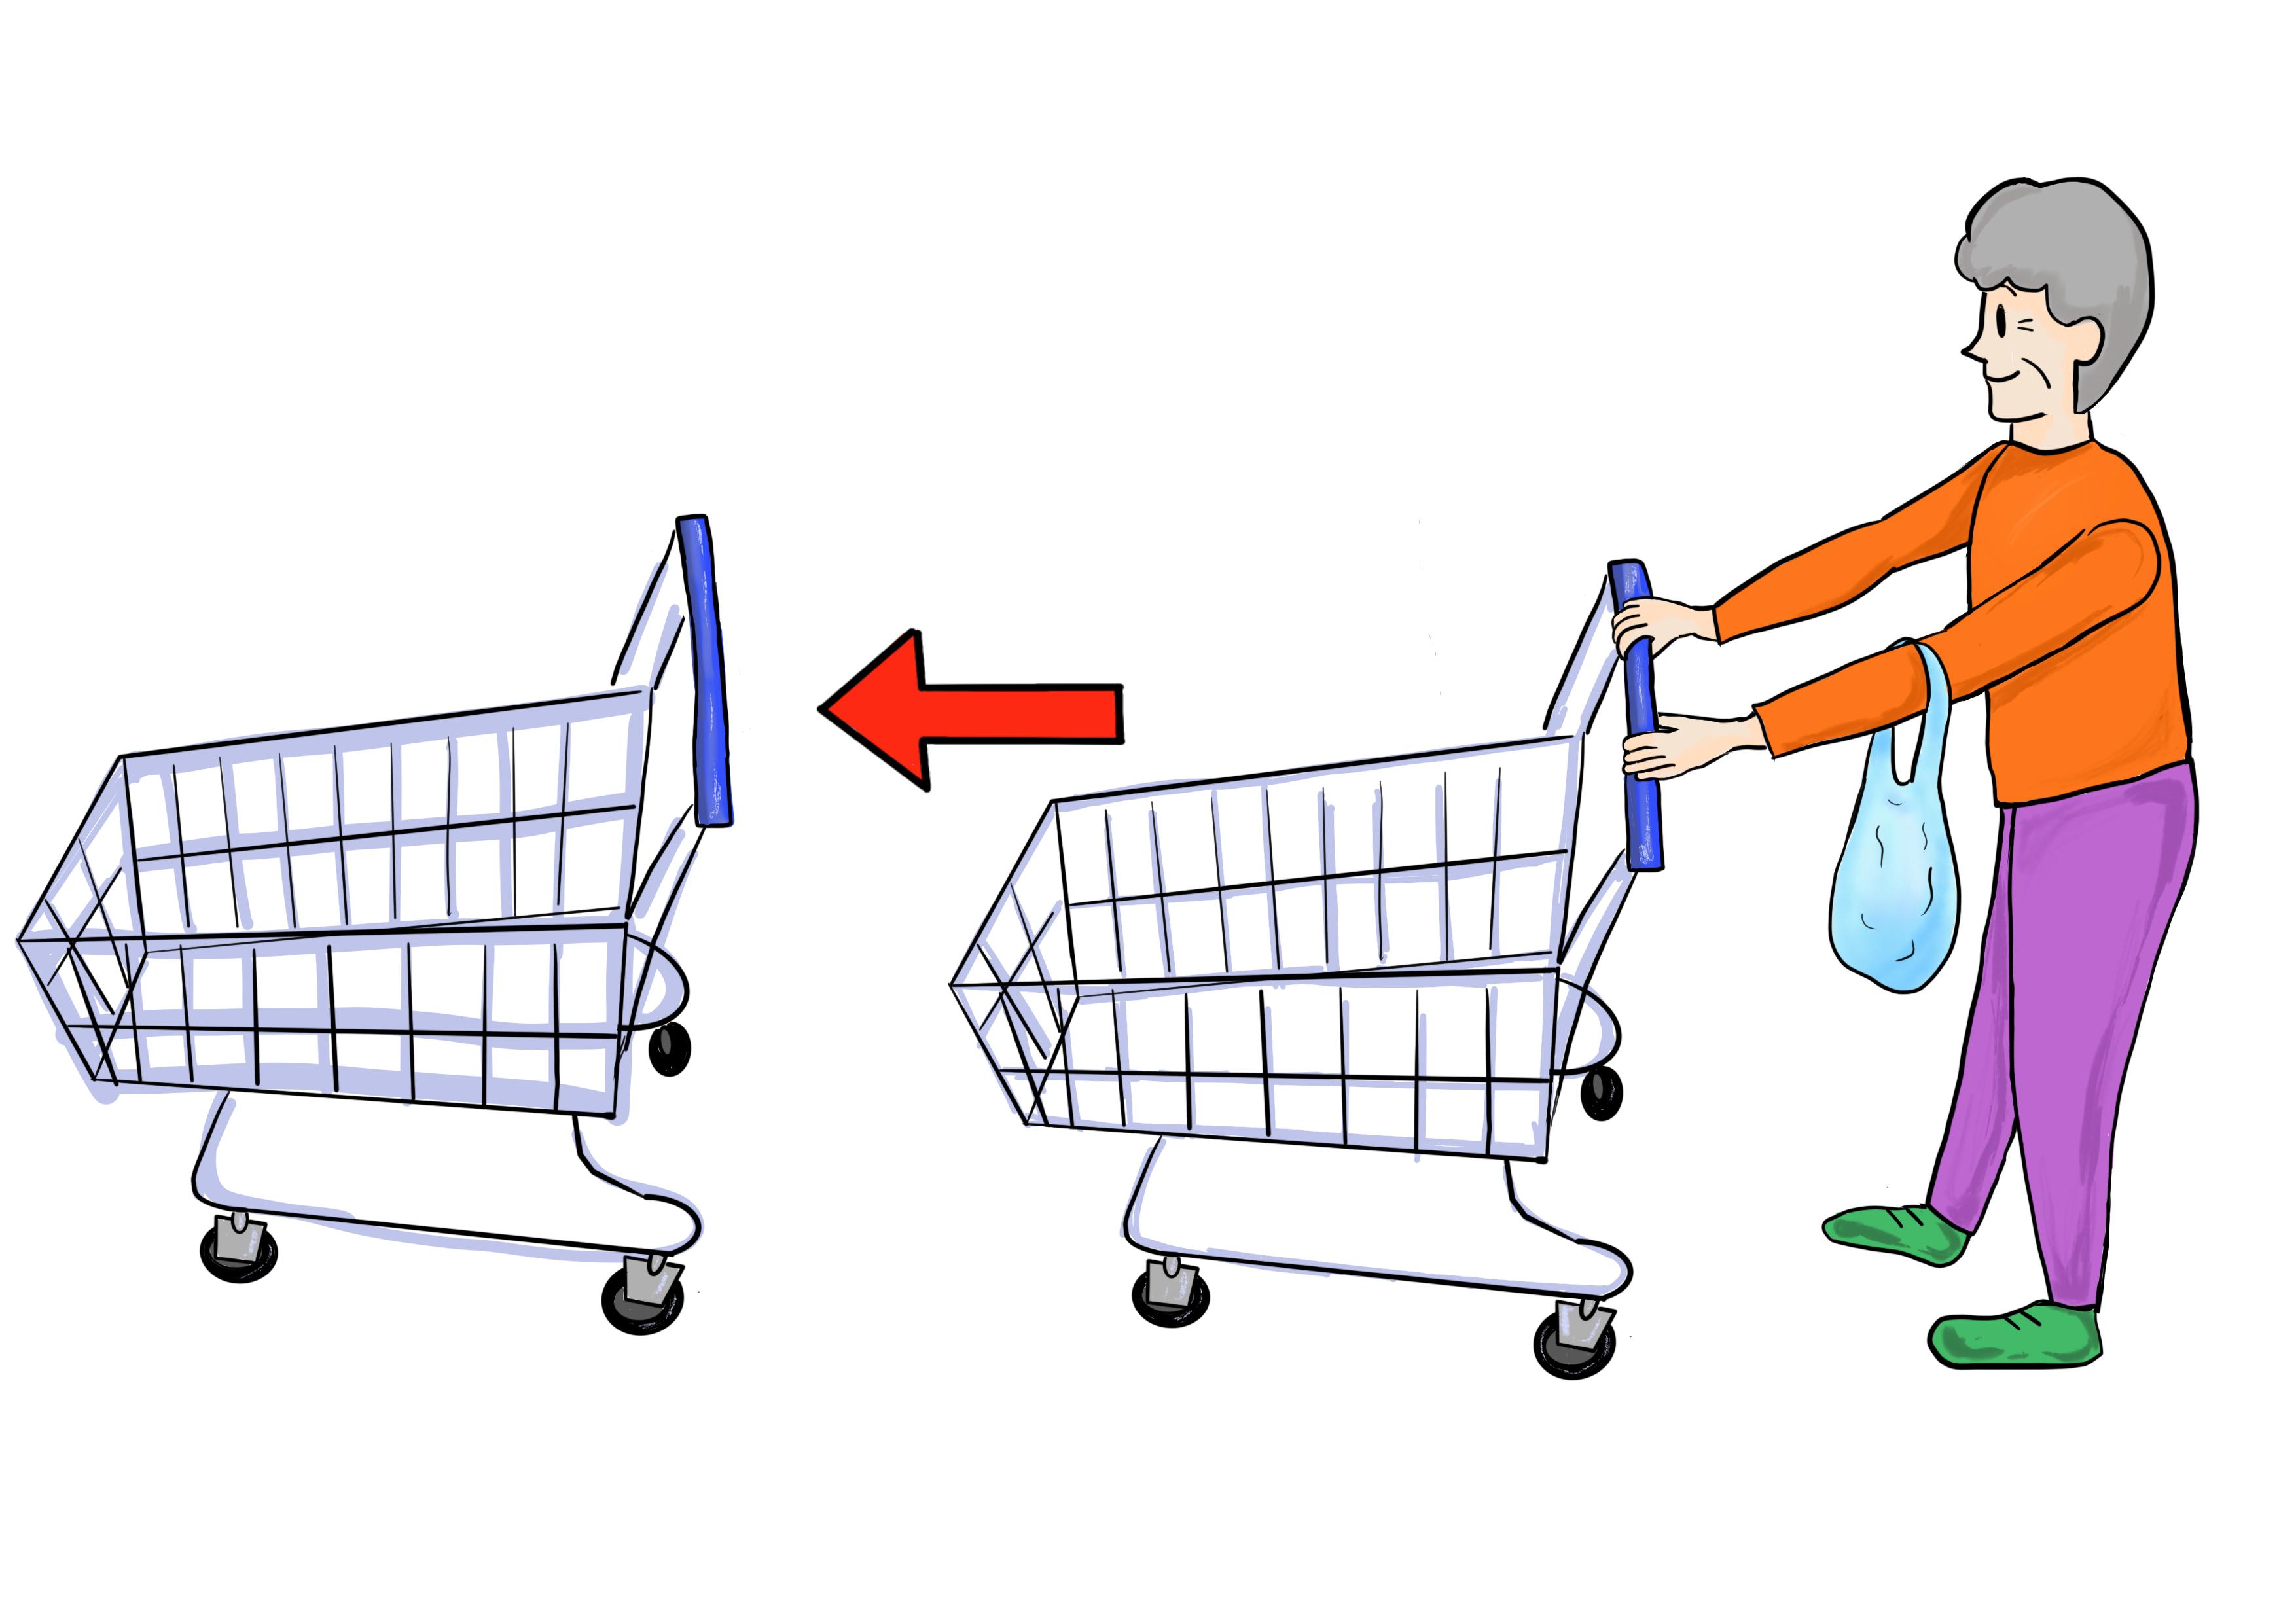 30課イラスト【ショッピングカートを戻す】